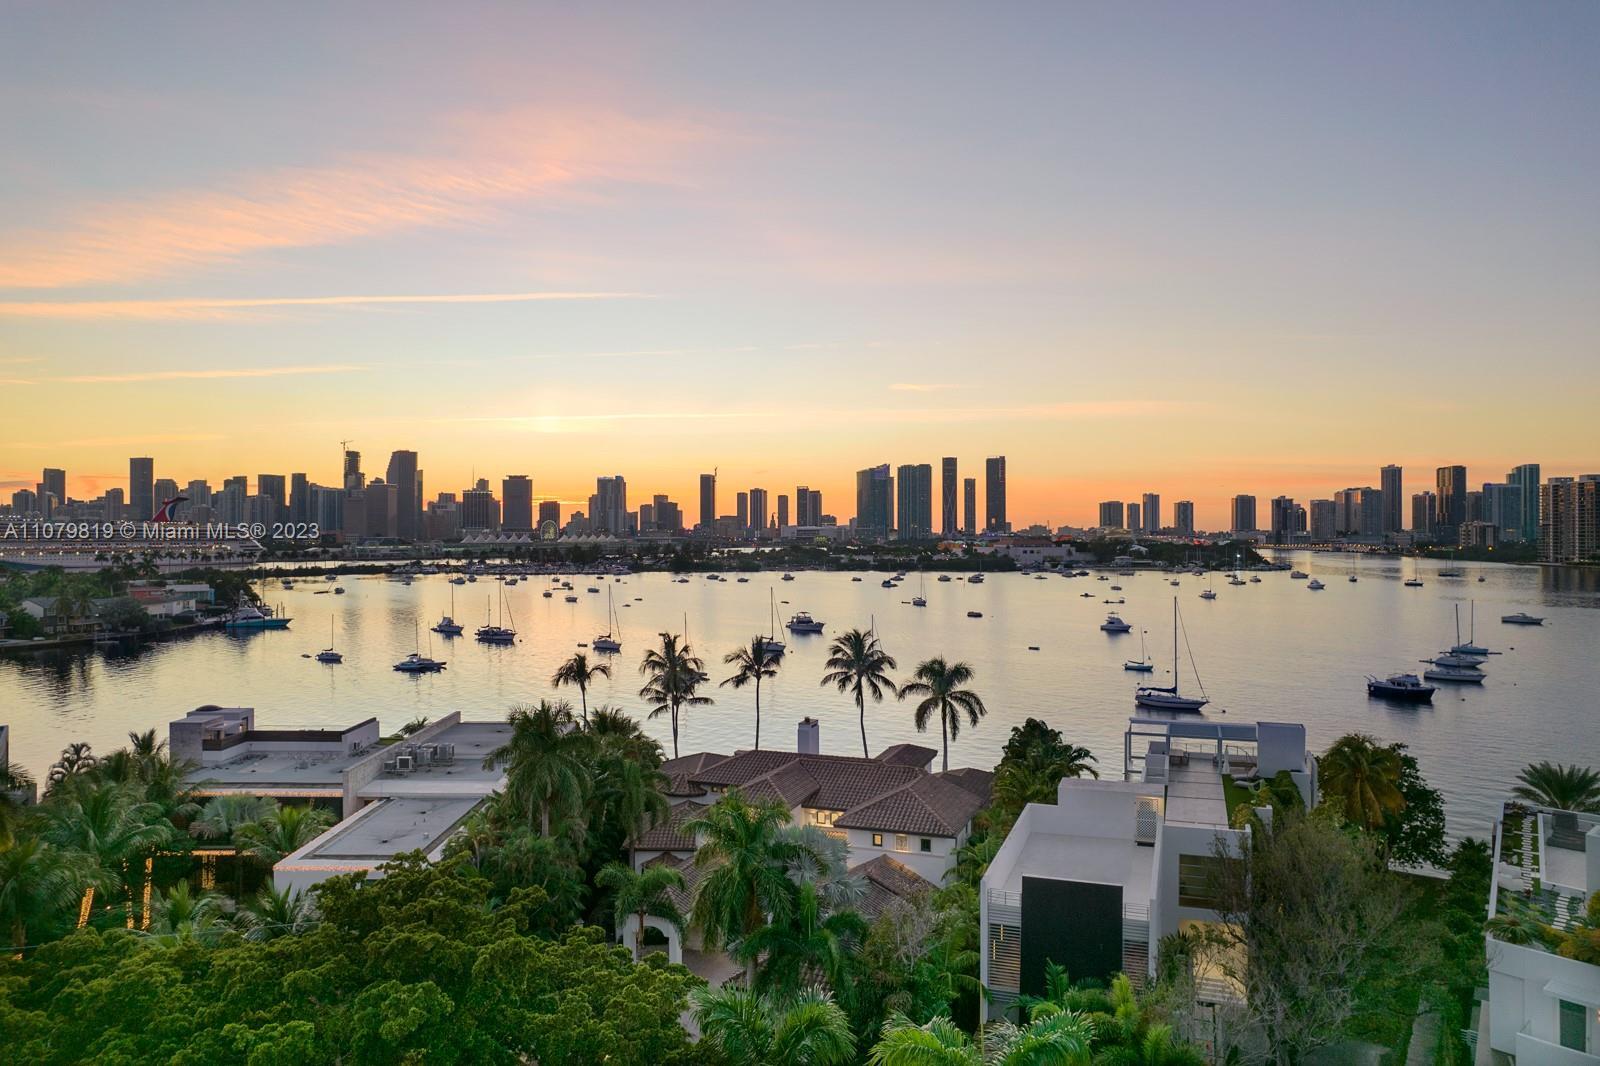 432 Hibiscus Dr, Miami Beach, Florida 33139